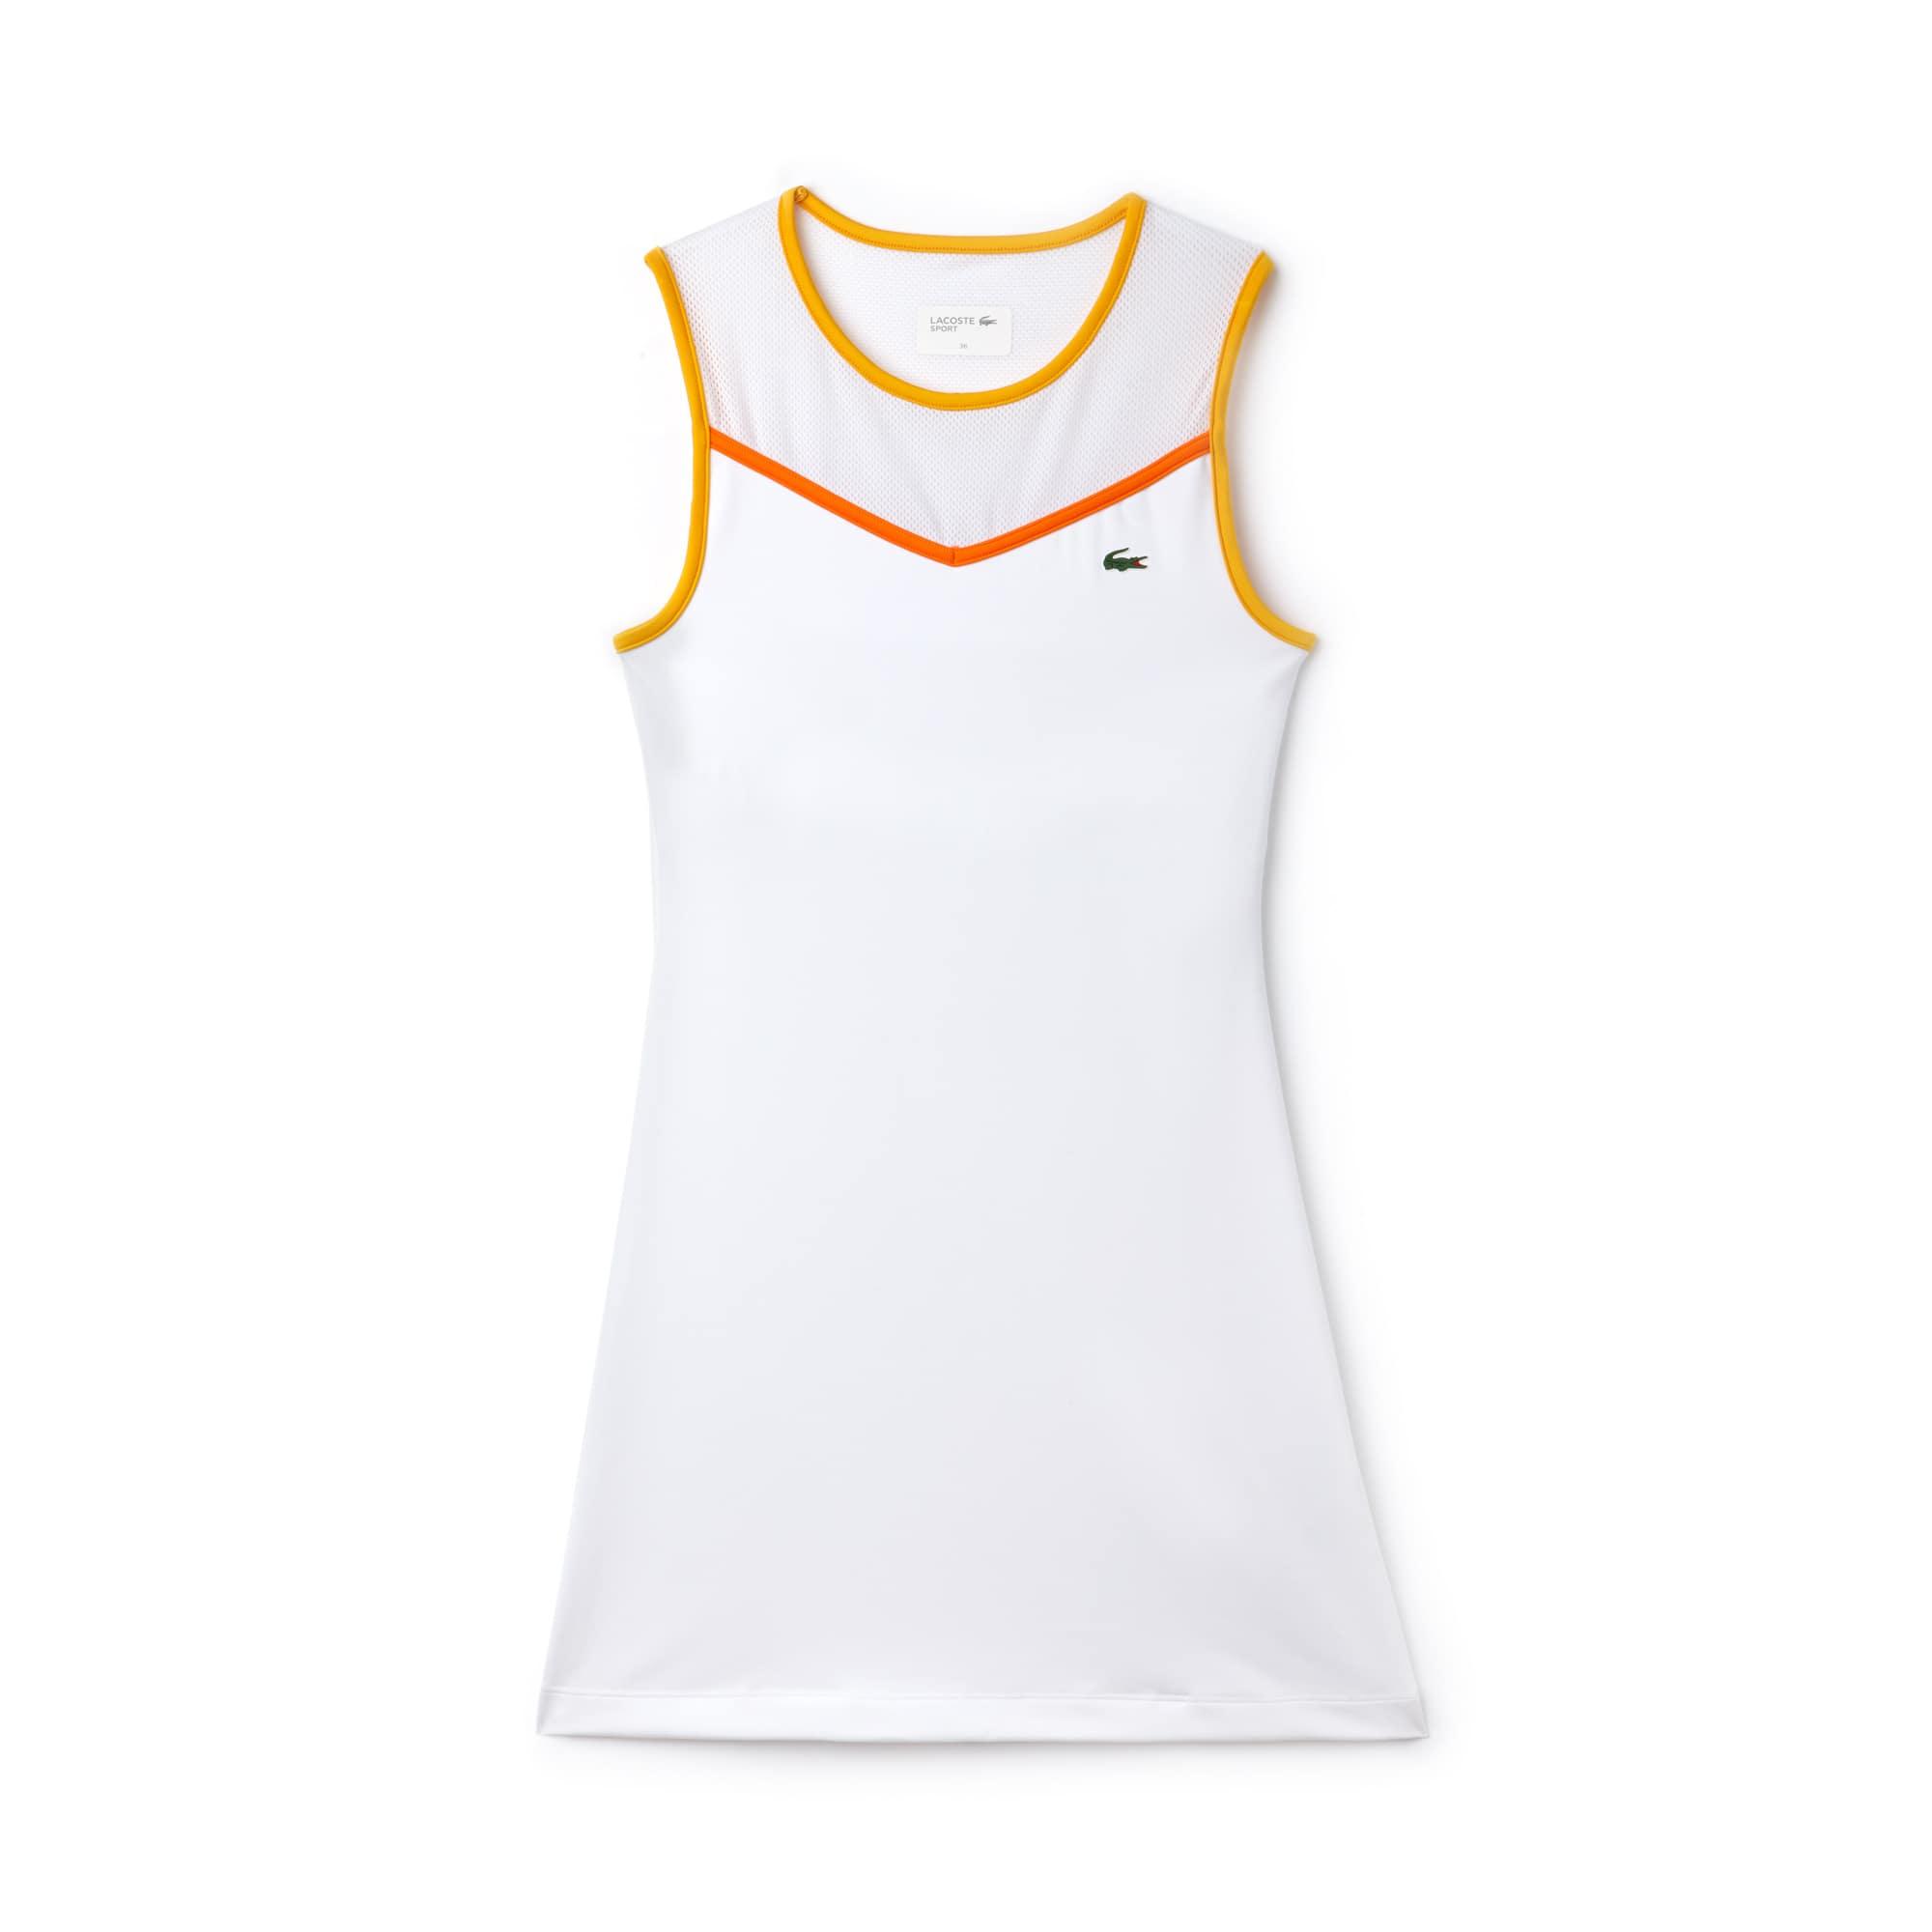 Vestido con espalda de nadadora Tenis Lacoste SPORT de punto técnico y malla